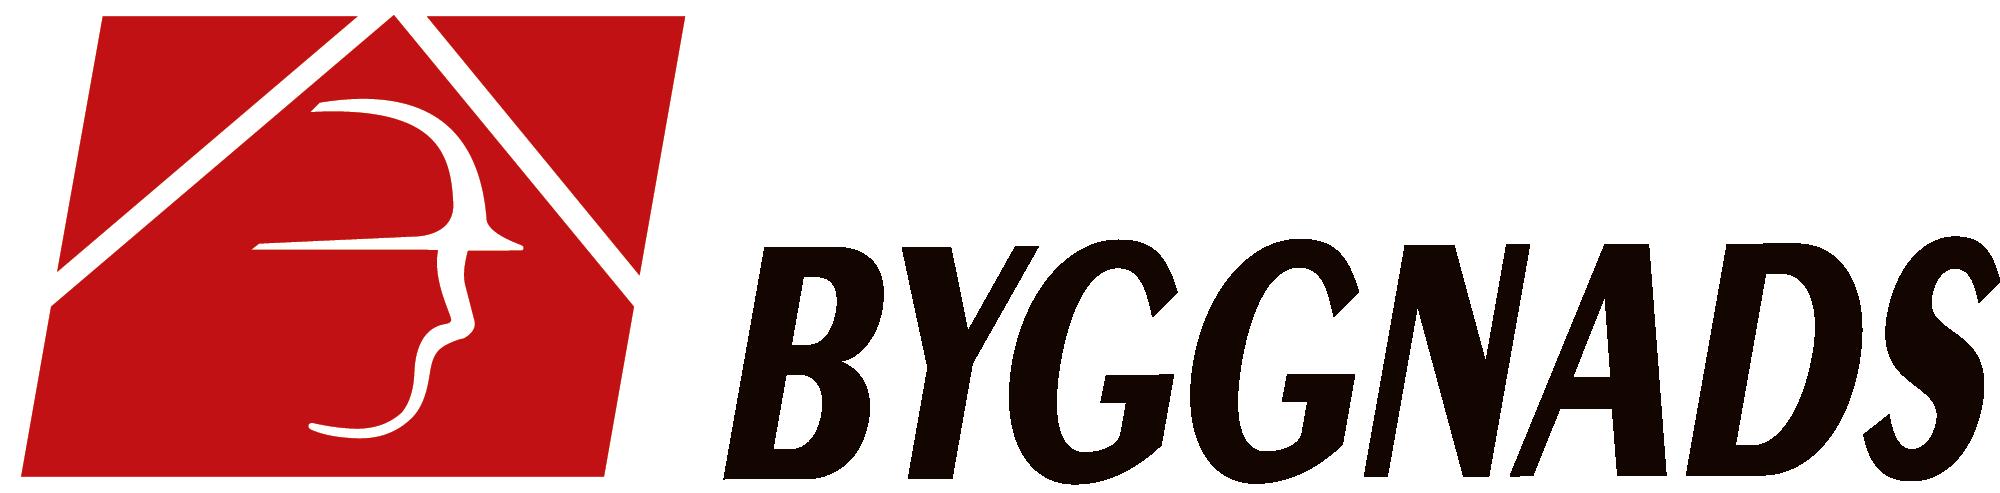 byggnads logo